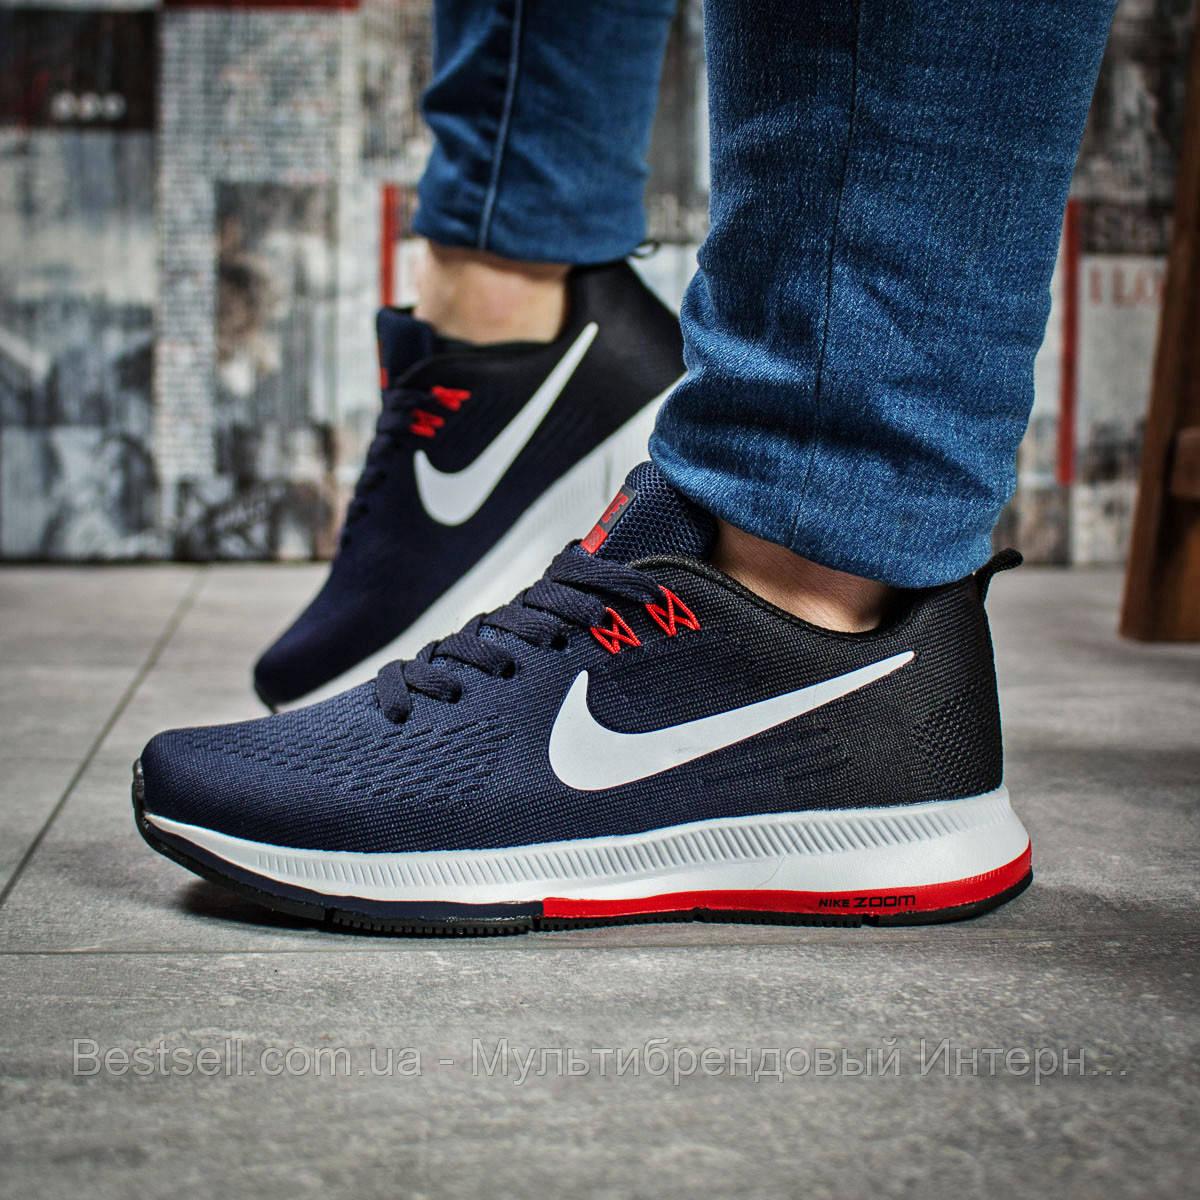 Кроссовки женские 16033, Nike Zoom Pegasus, темно-синие, [ нет в наличии ] р. 39-24,5см.